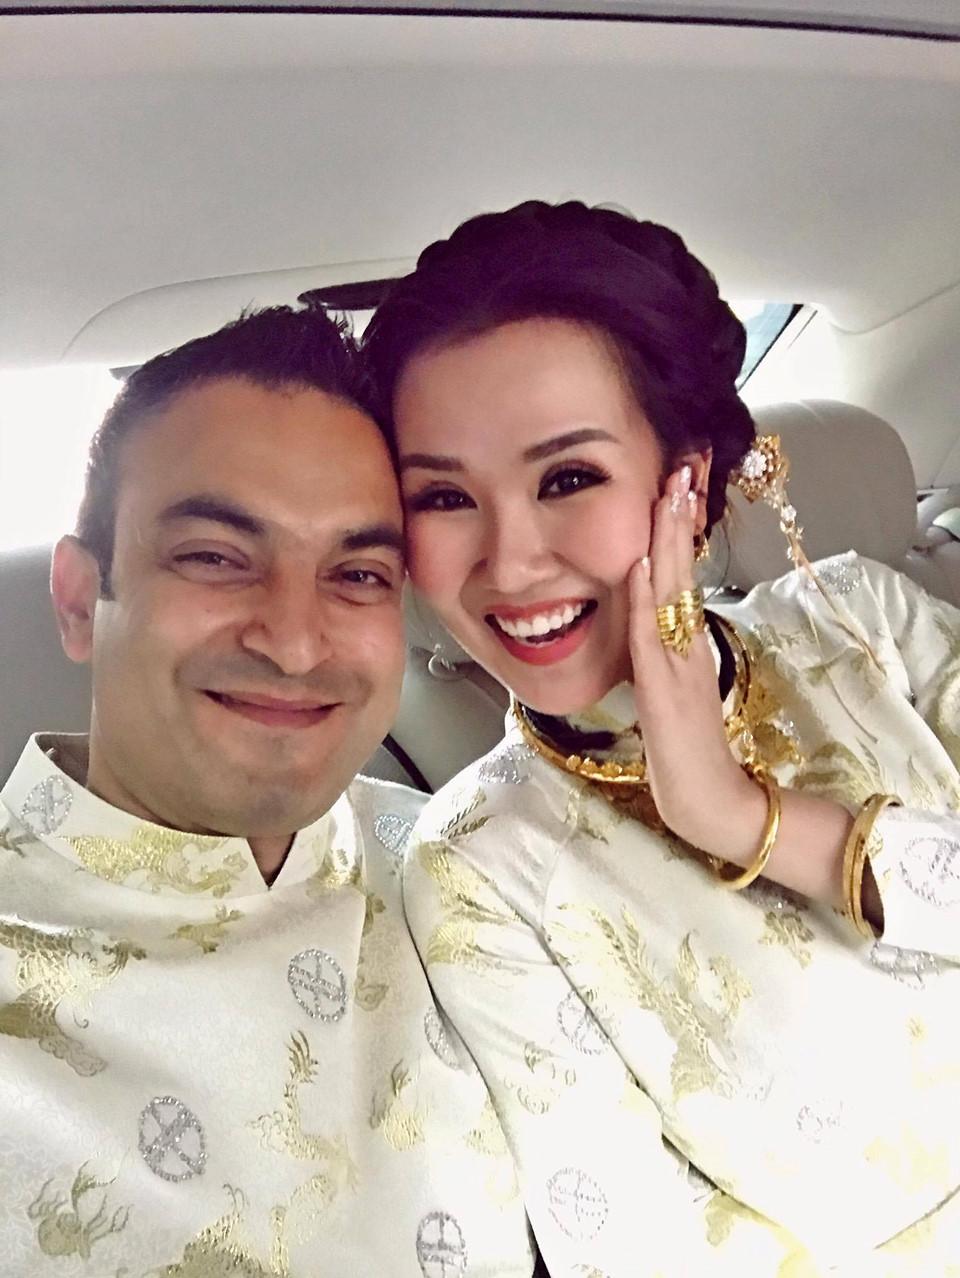 'Lóa mắt' nhìn Võ Hạ Trâm đeo vàng nặng trĩu trong hôn lễ cùng chồng doanh nhân Ấn Độ - Ảnh 6